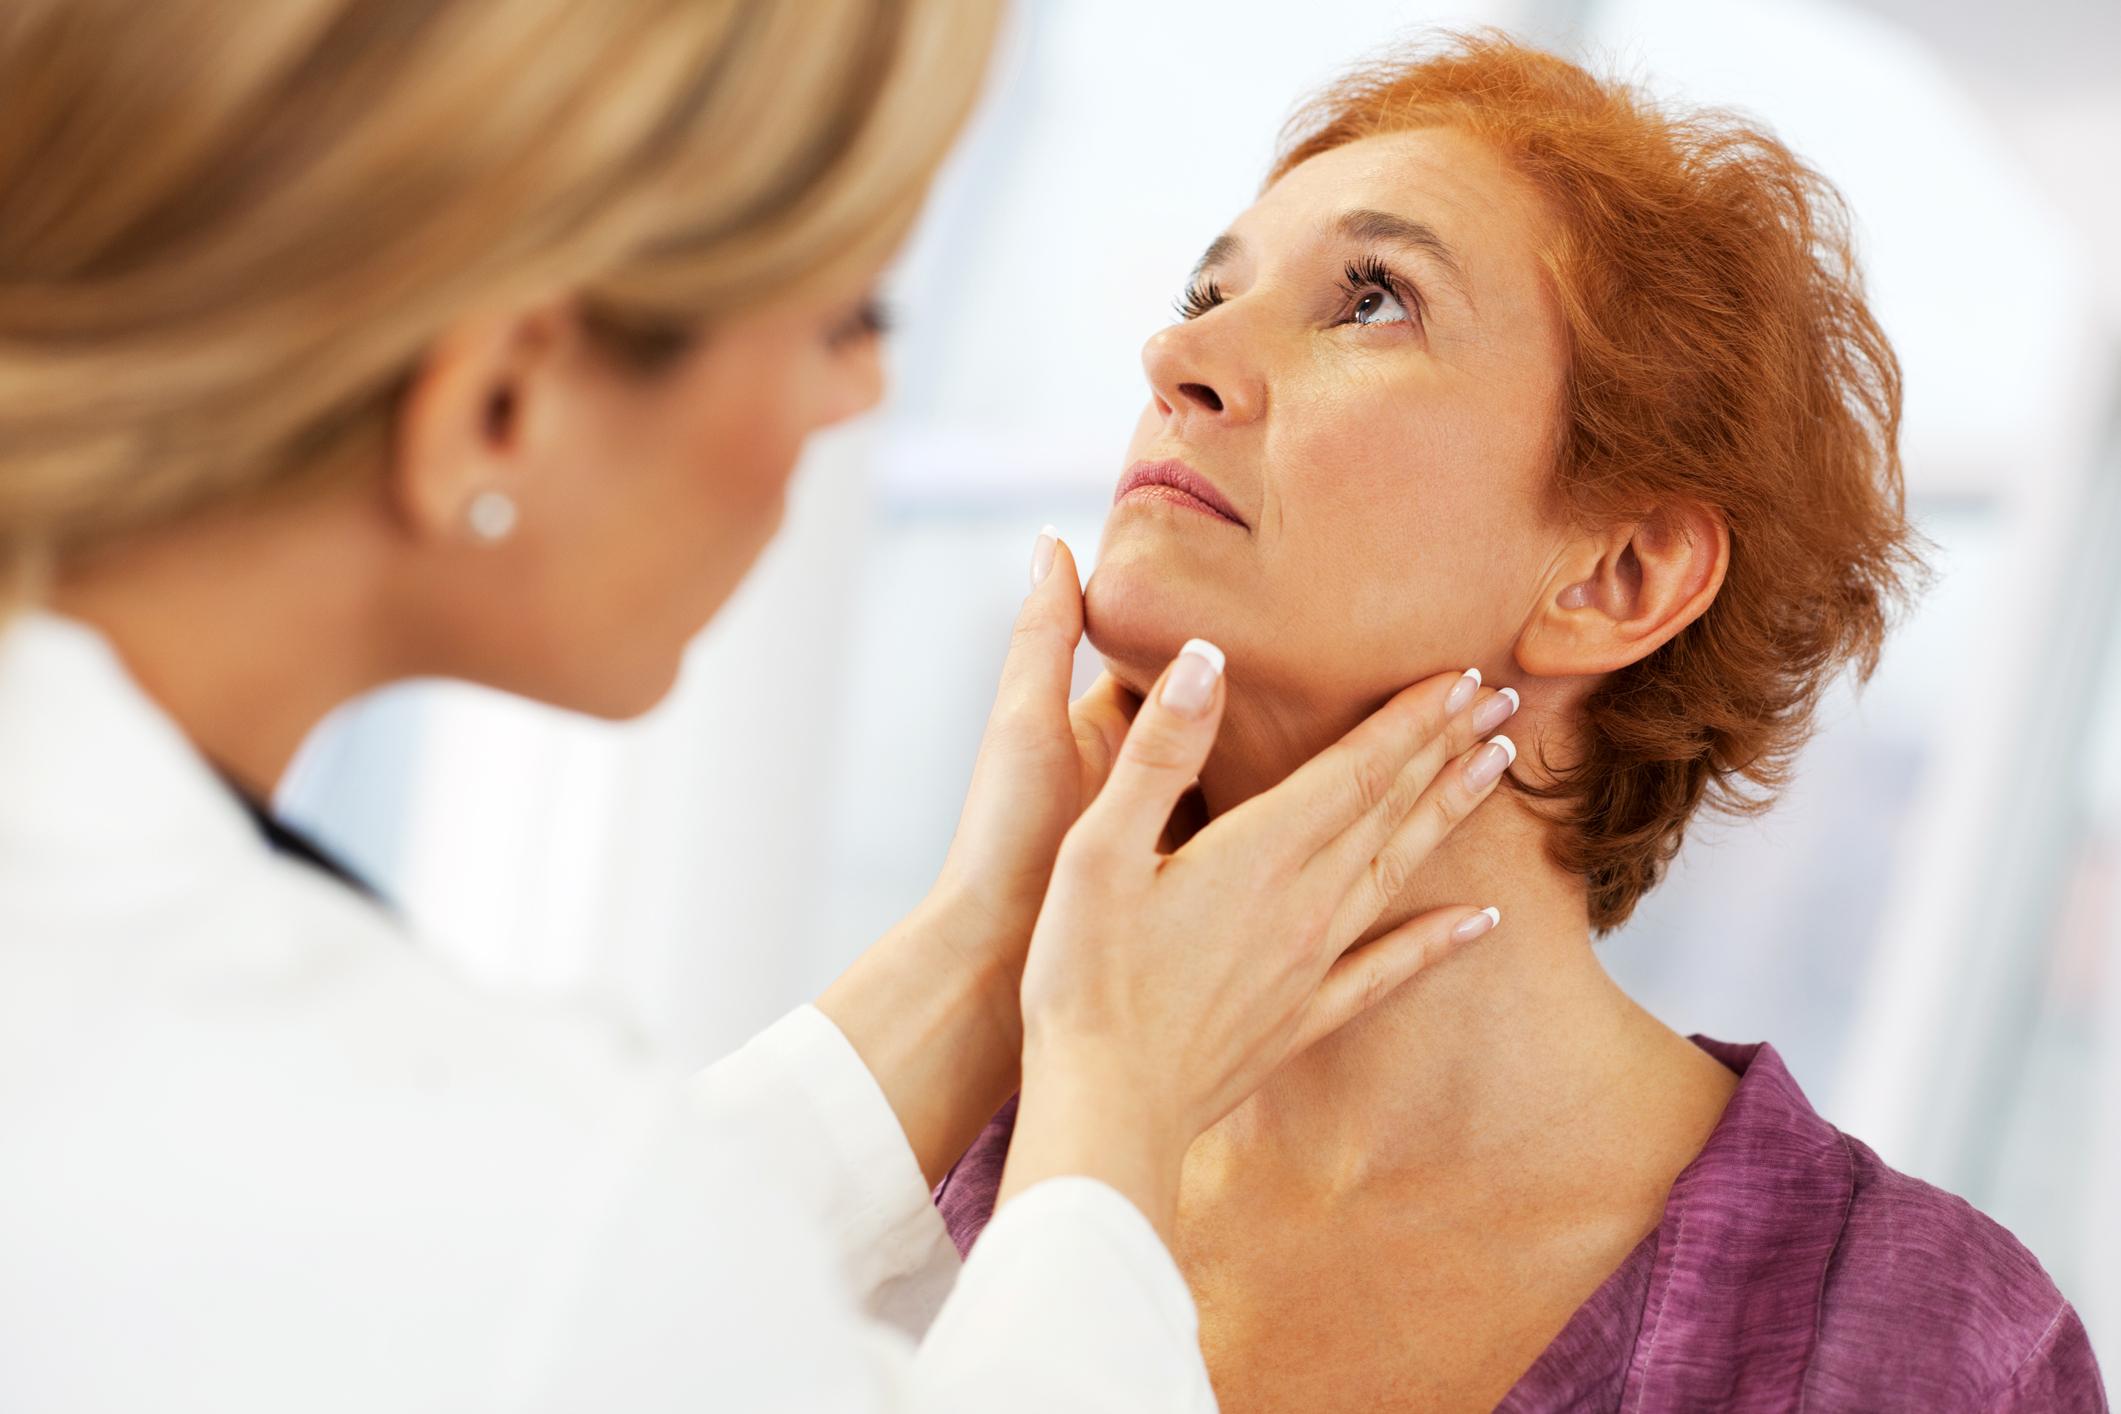 hpv impfung impfschaden fogak csiszolása alvó parazitákká